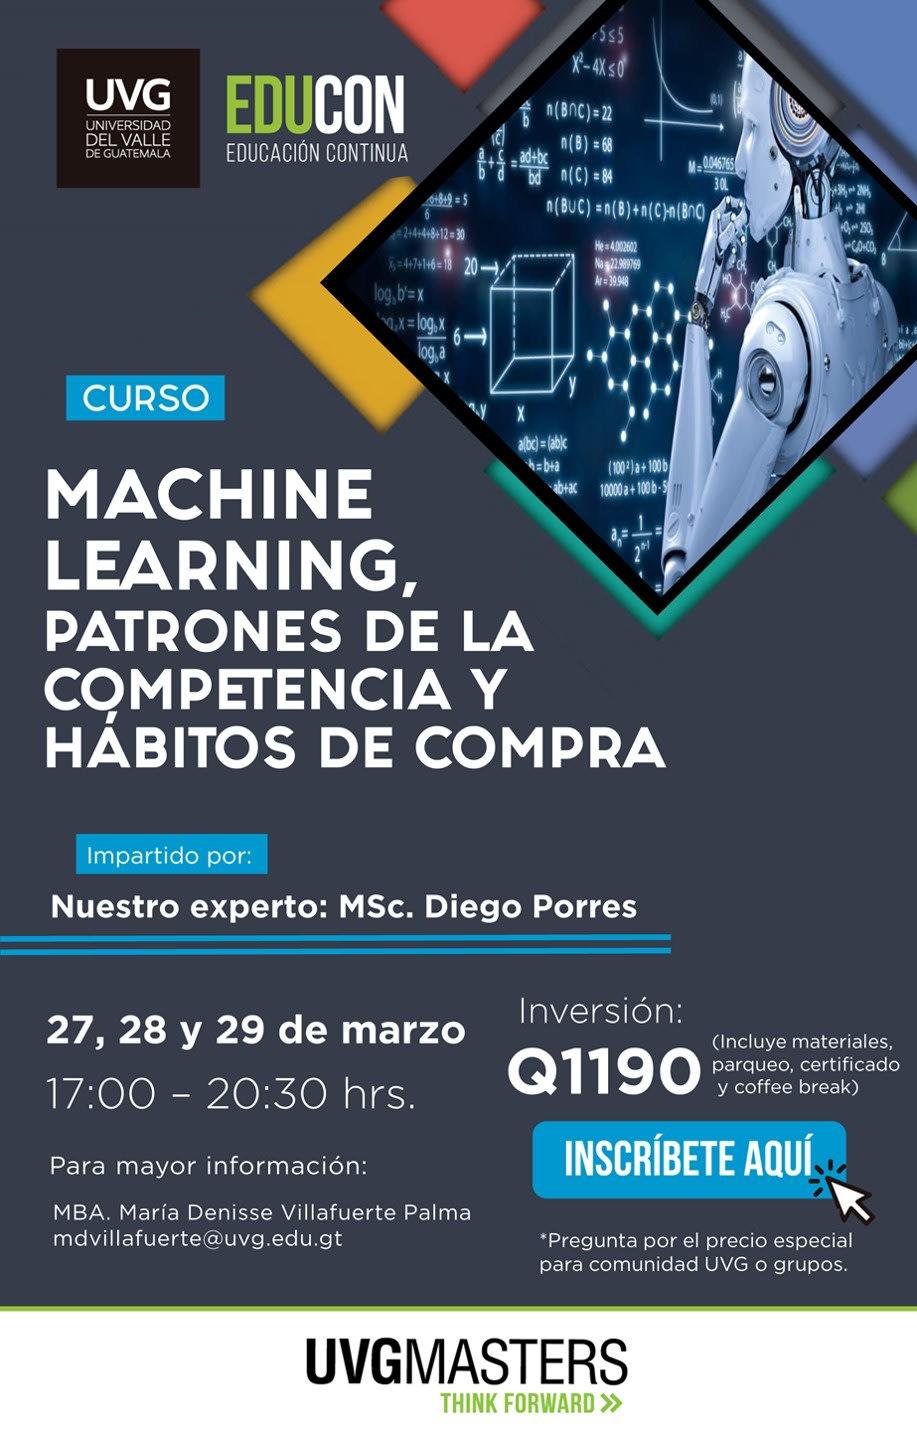 CURSO: MACHINE LEARNING, PATRONES DE LA COMPETENCIA Y HÁBITOS DE COMPRA